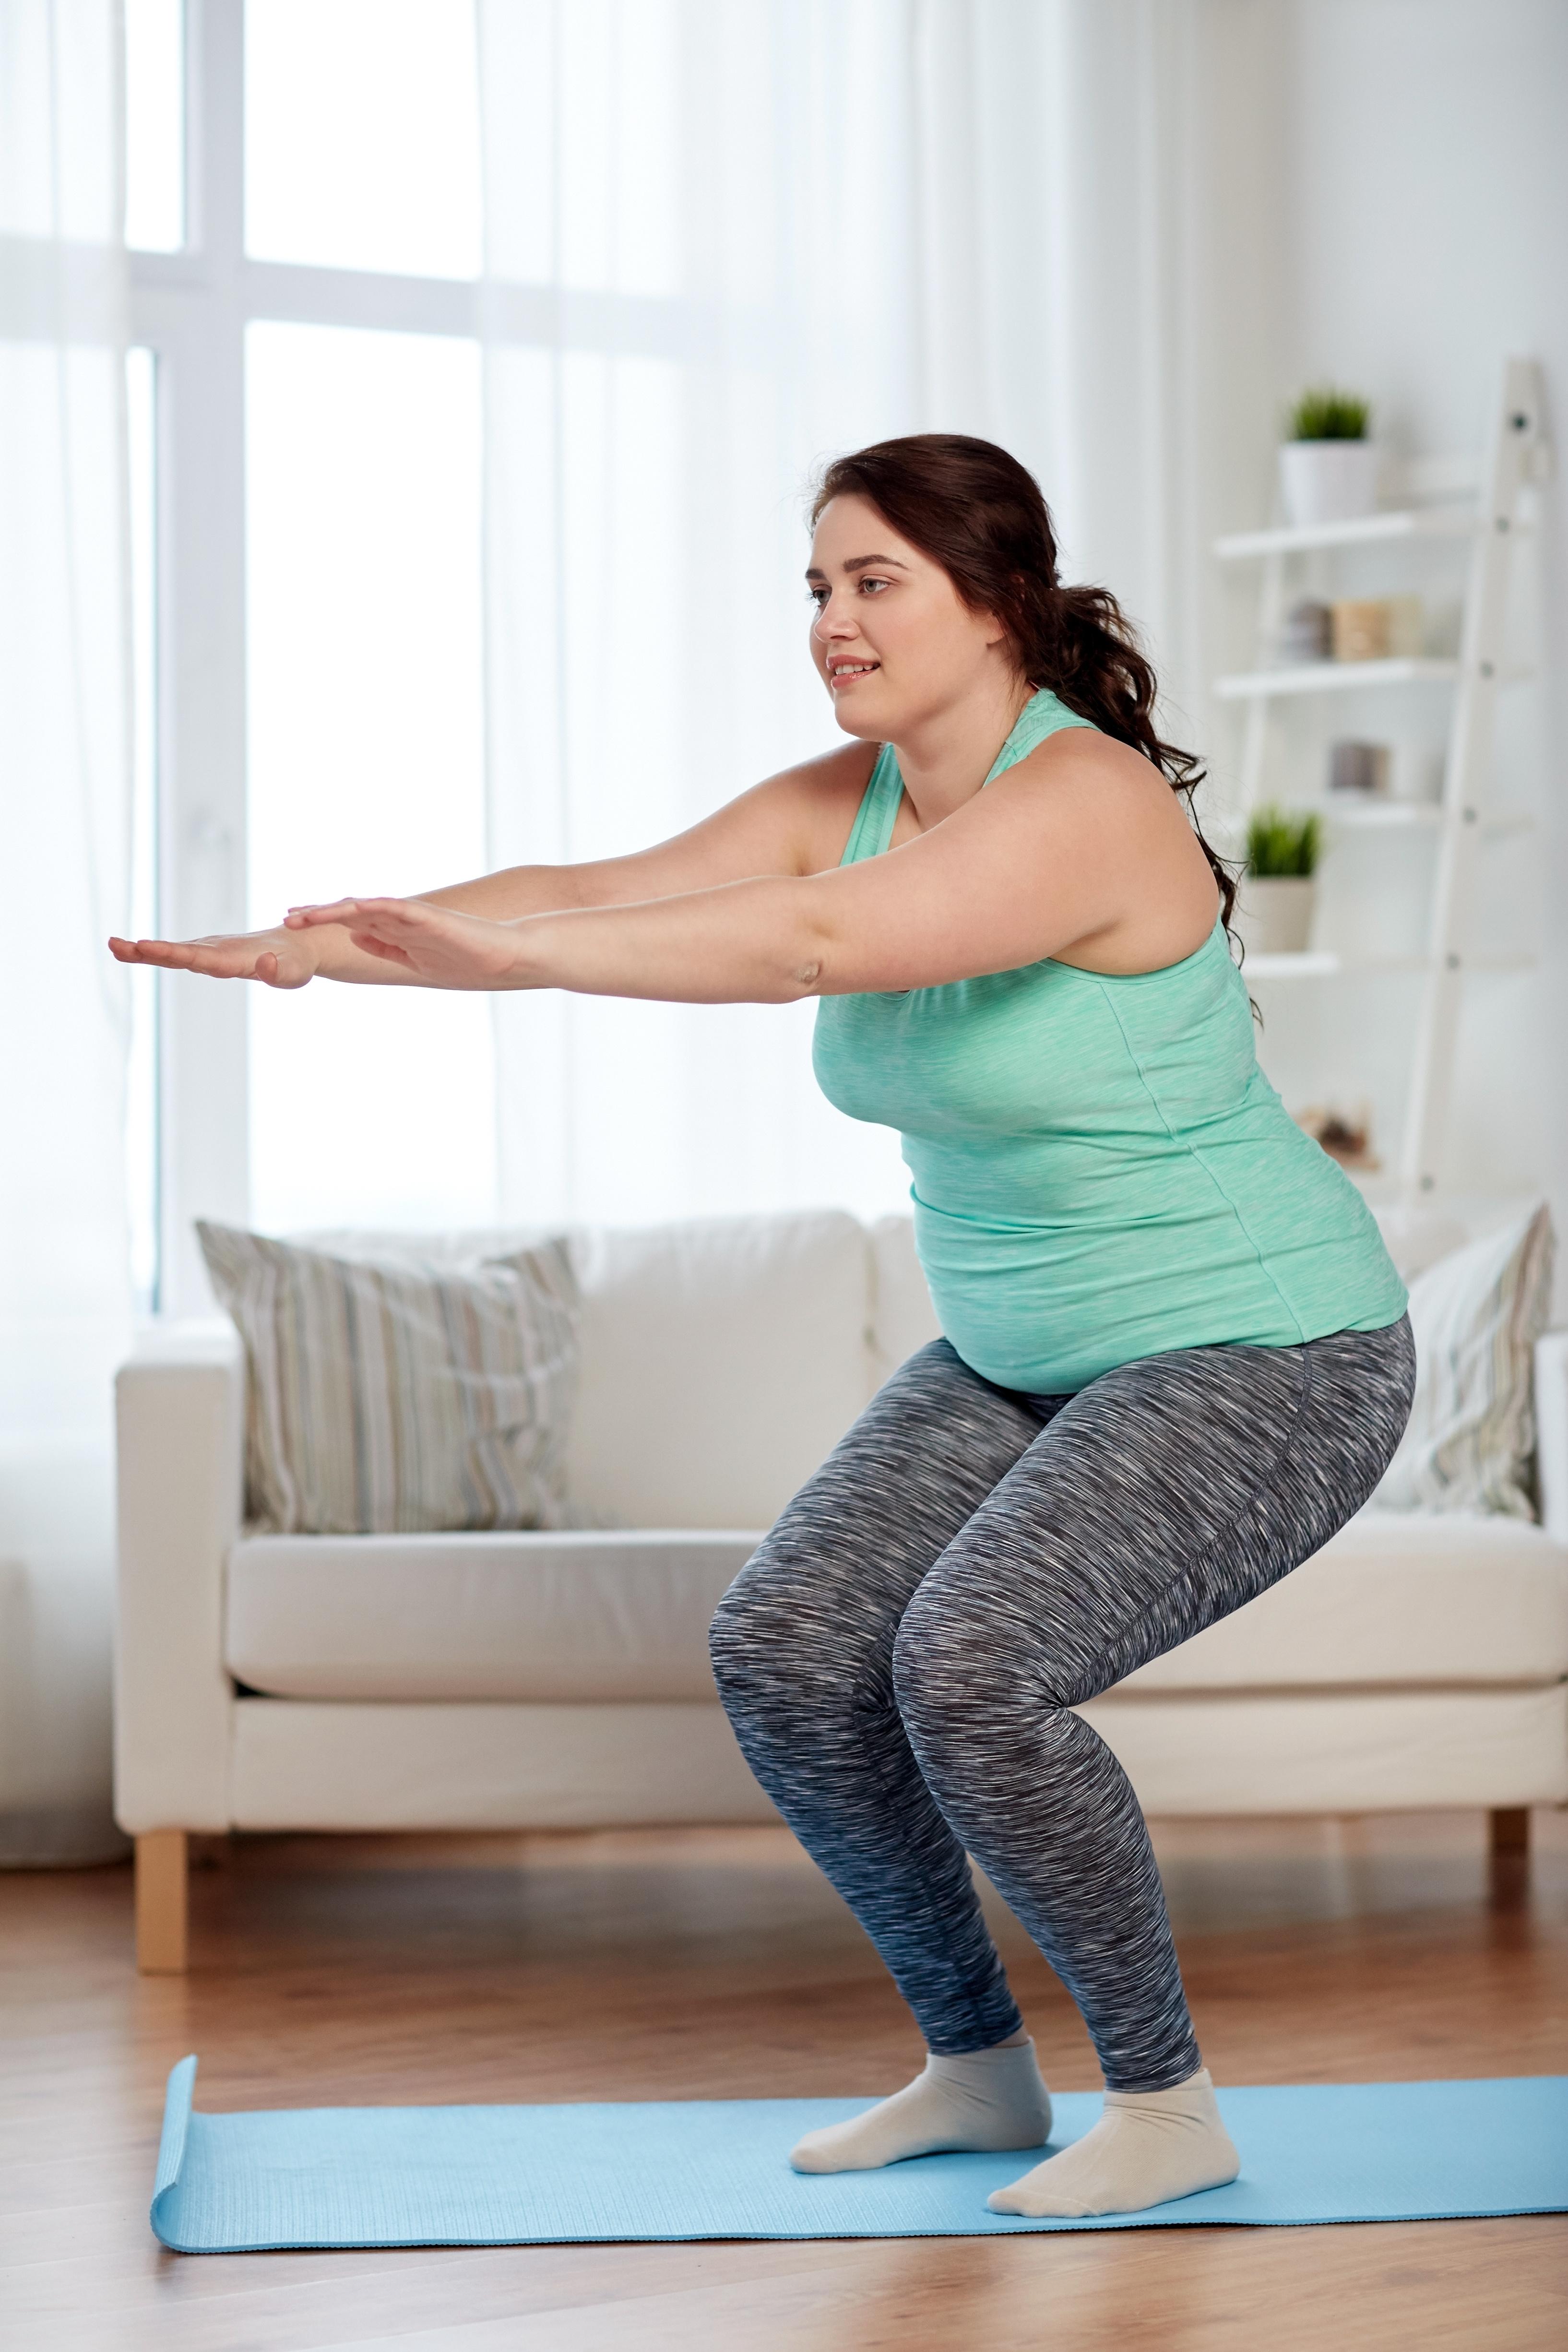 îmbrăcăminte pentru a ajuta la scăderea în greutate